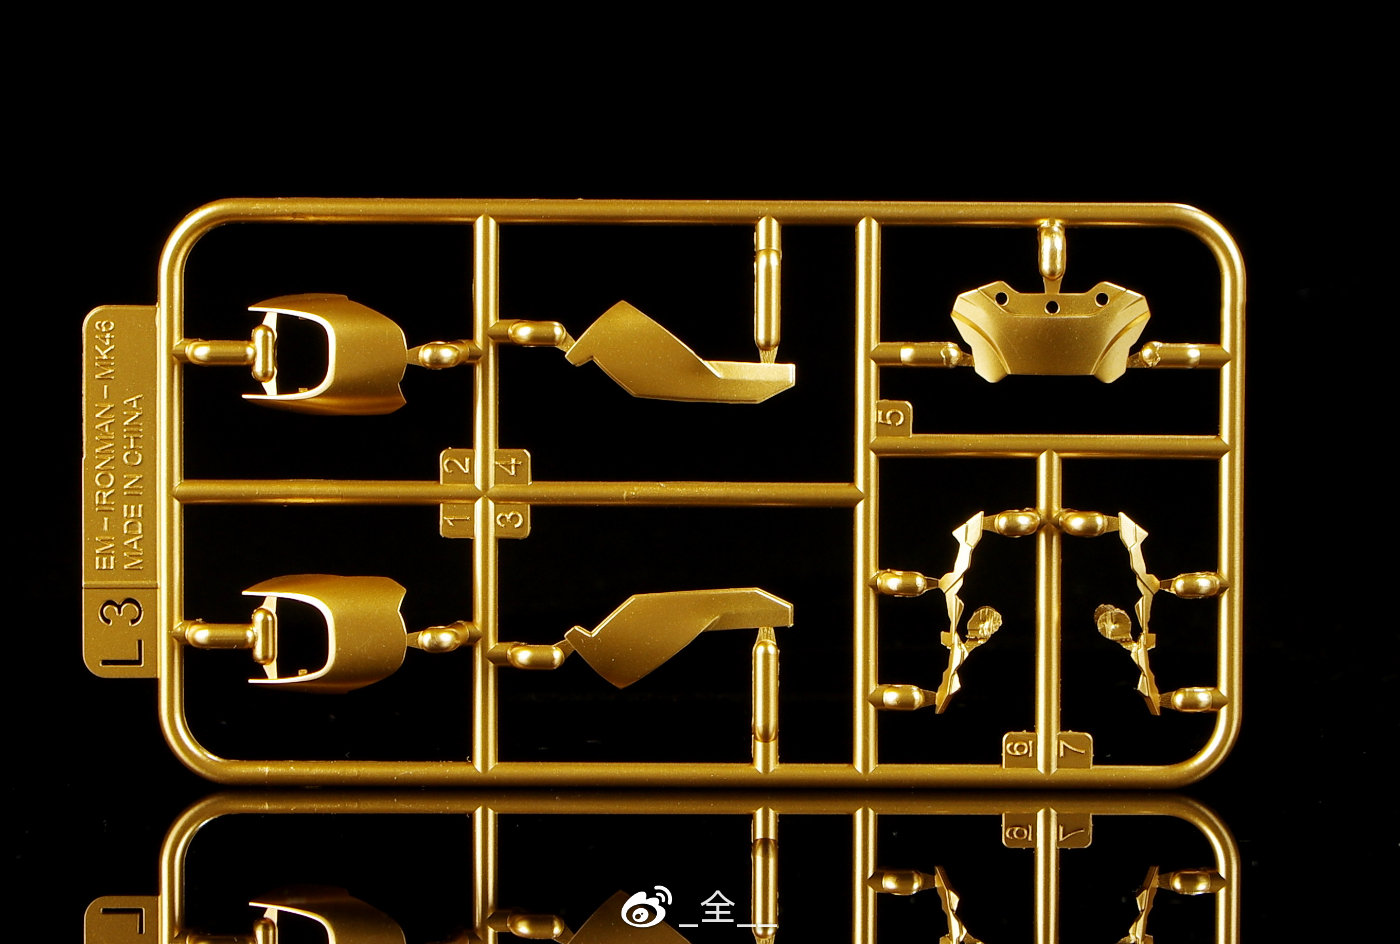 S509_E_Model_MK46_0328_017.jpg